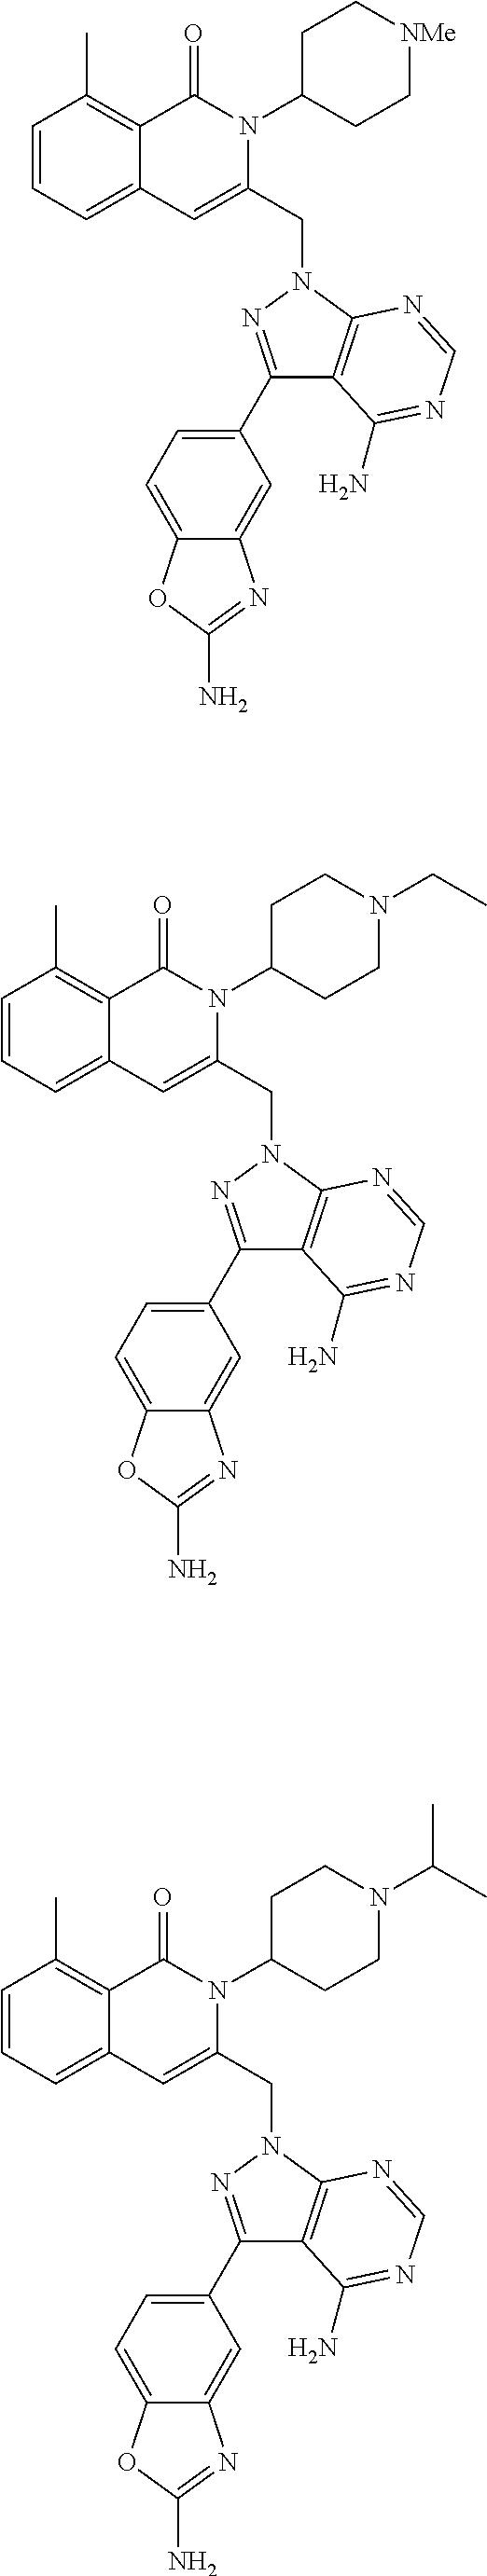 Figure US09216982-20151222-C00282